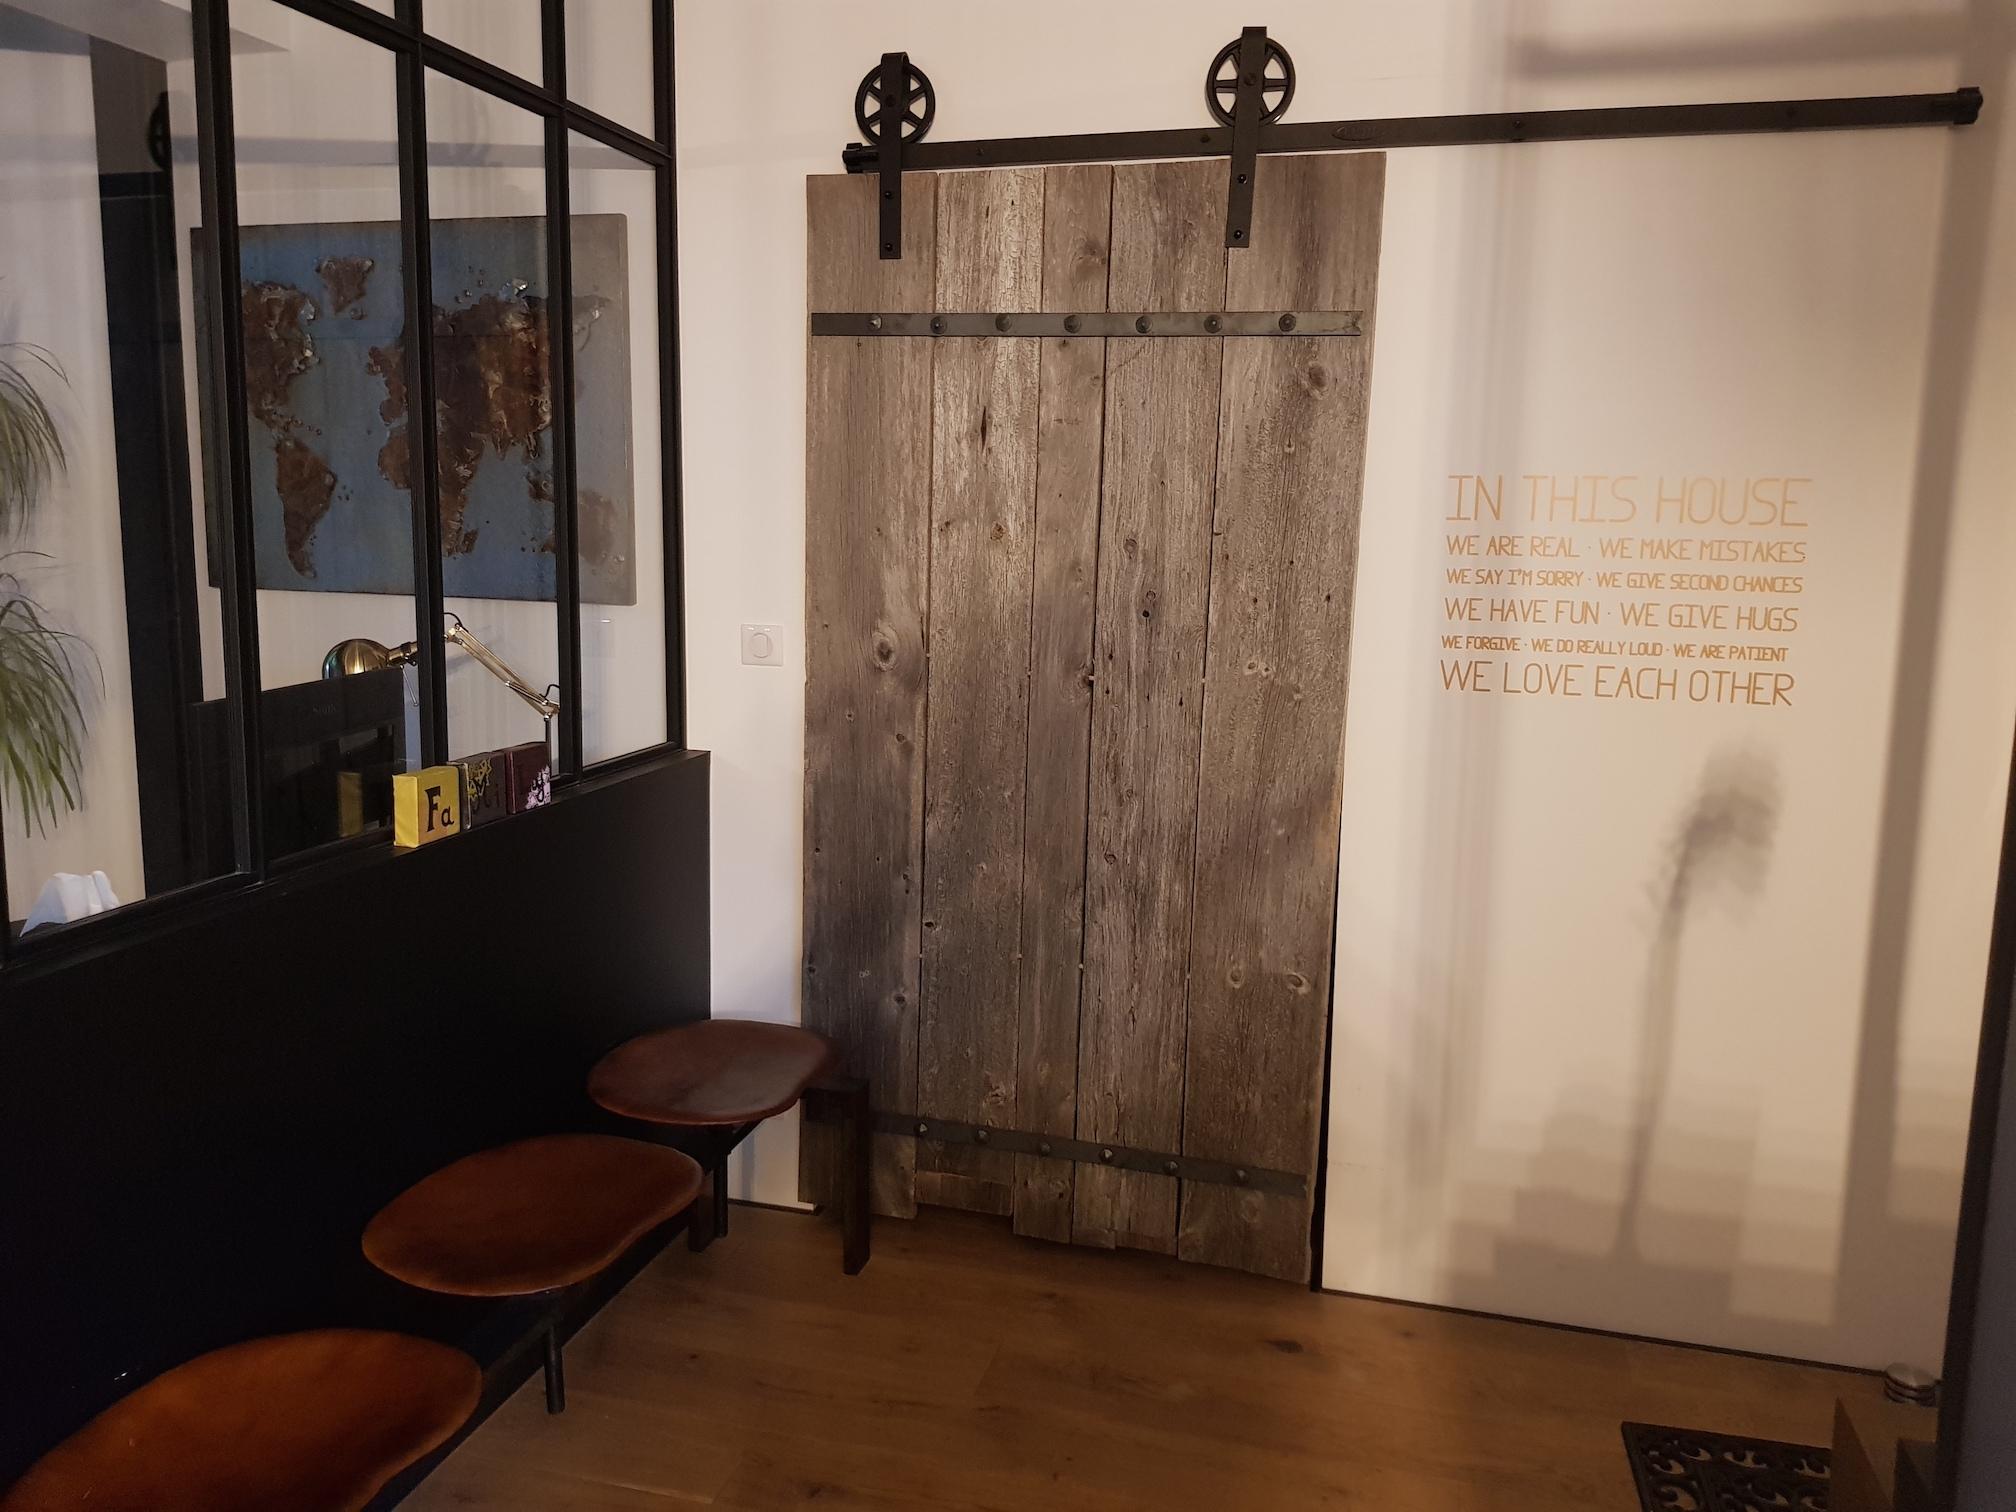 Conception et fabrication complète par notre client d'une porte en bois esprit grange  -  Réalisation à  partir de notre gamme de pièces détachées - Localisation Ile et Vilaine